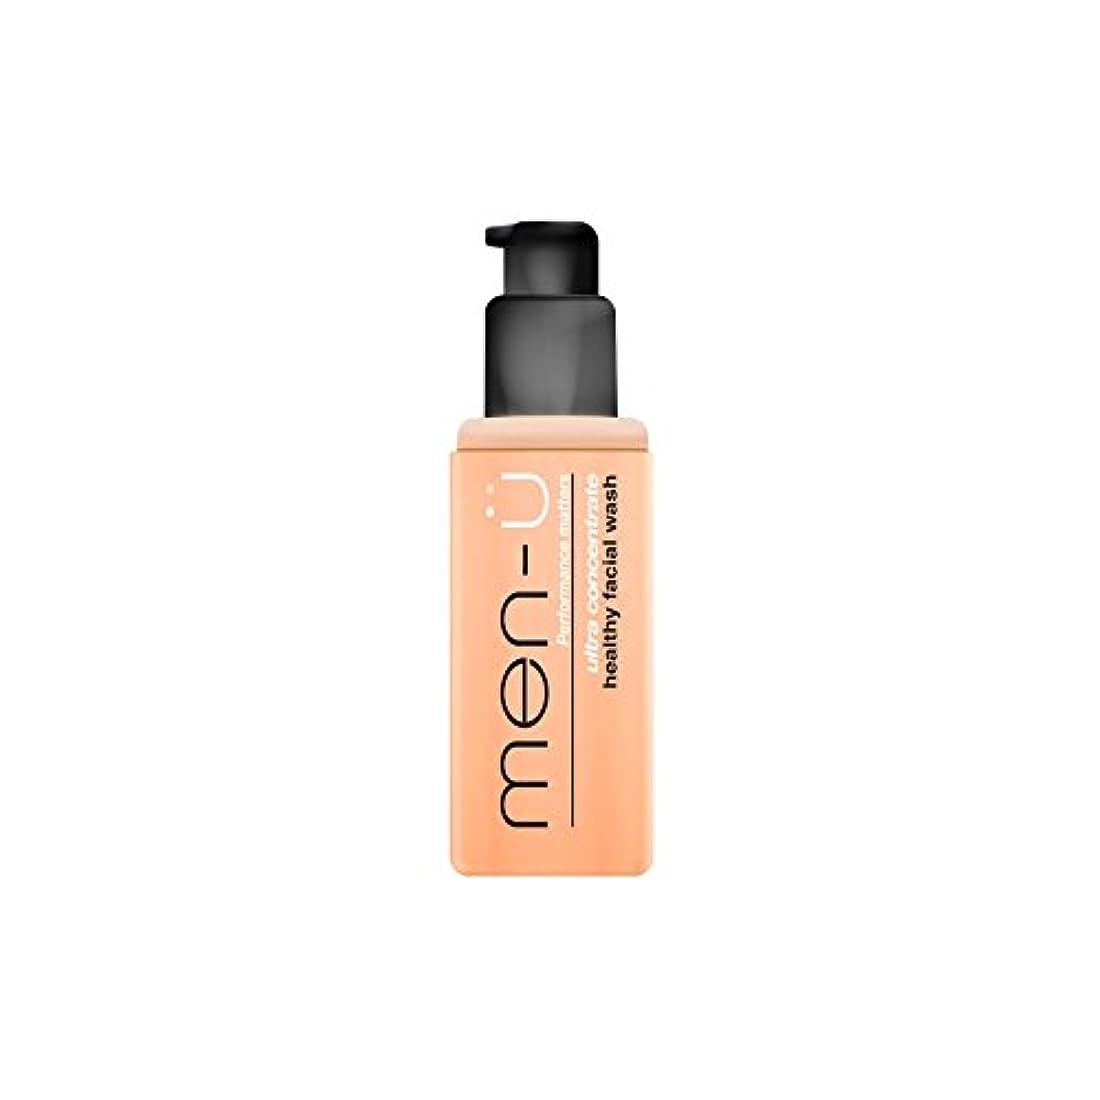 シェアデュアル従事した男性-?健康洗顔料(100ミリリットル) x4 - Men-? Healthy Facial Wash (100ml) (Pack of 4) [並行輸入品]